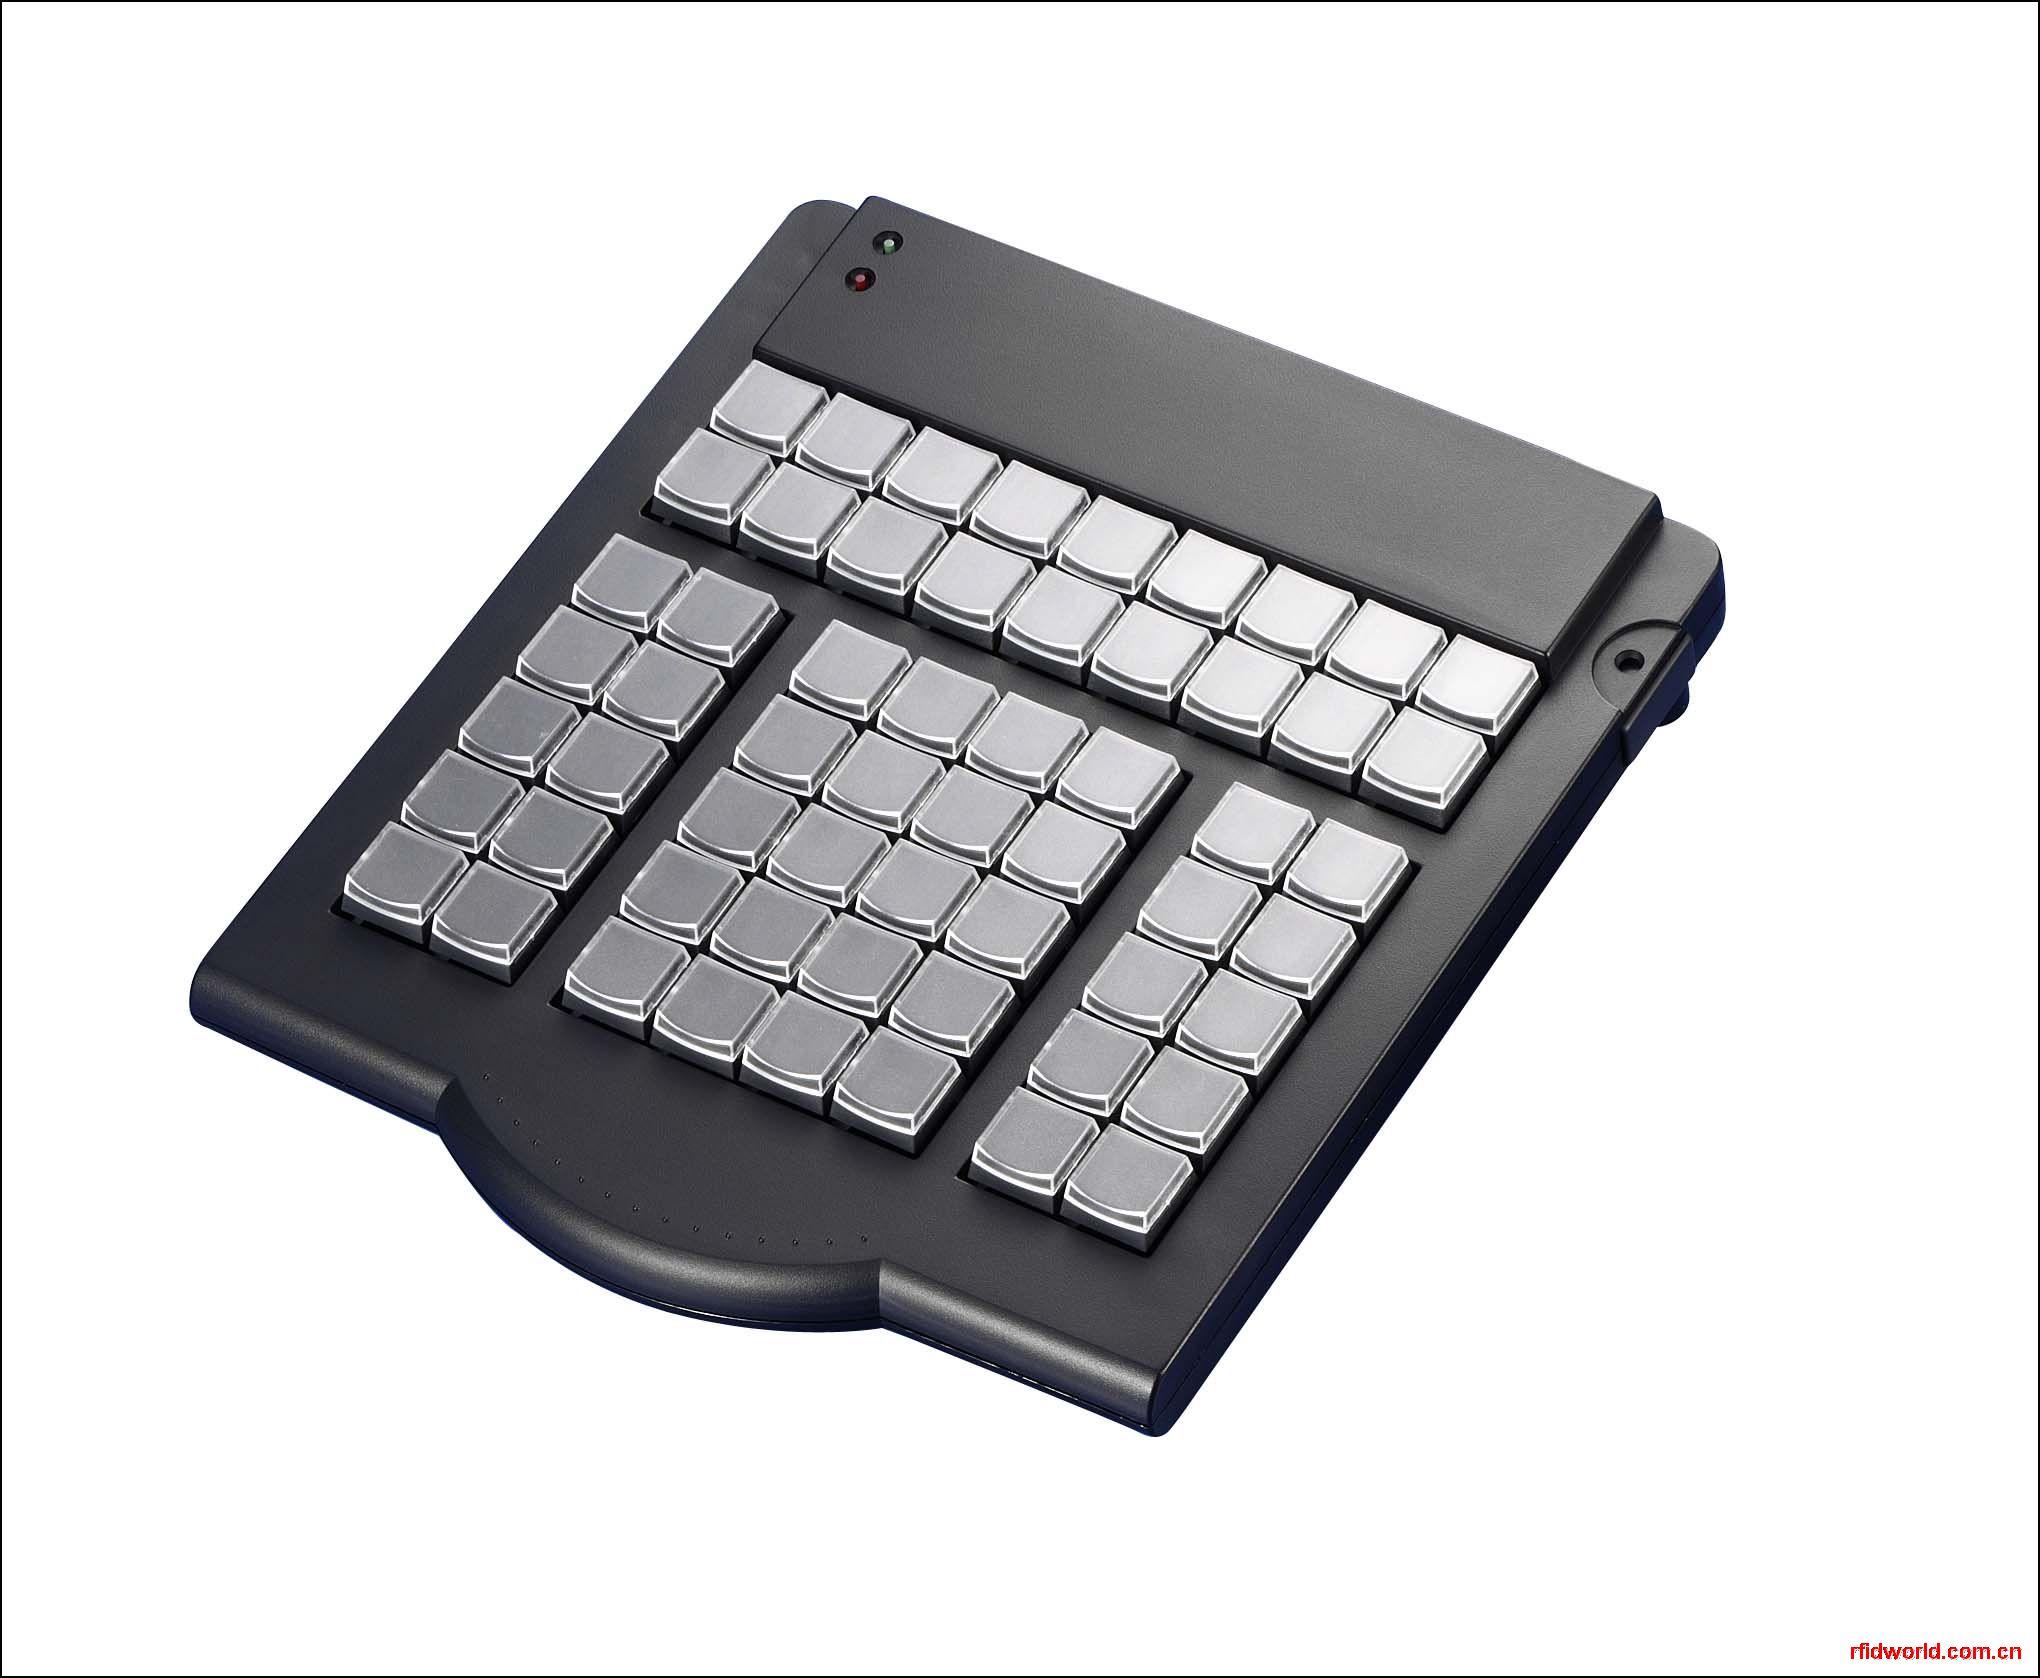 可编程键盘